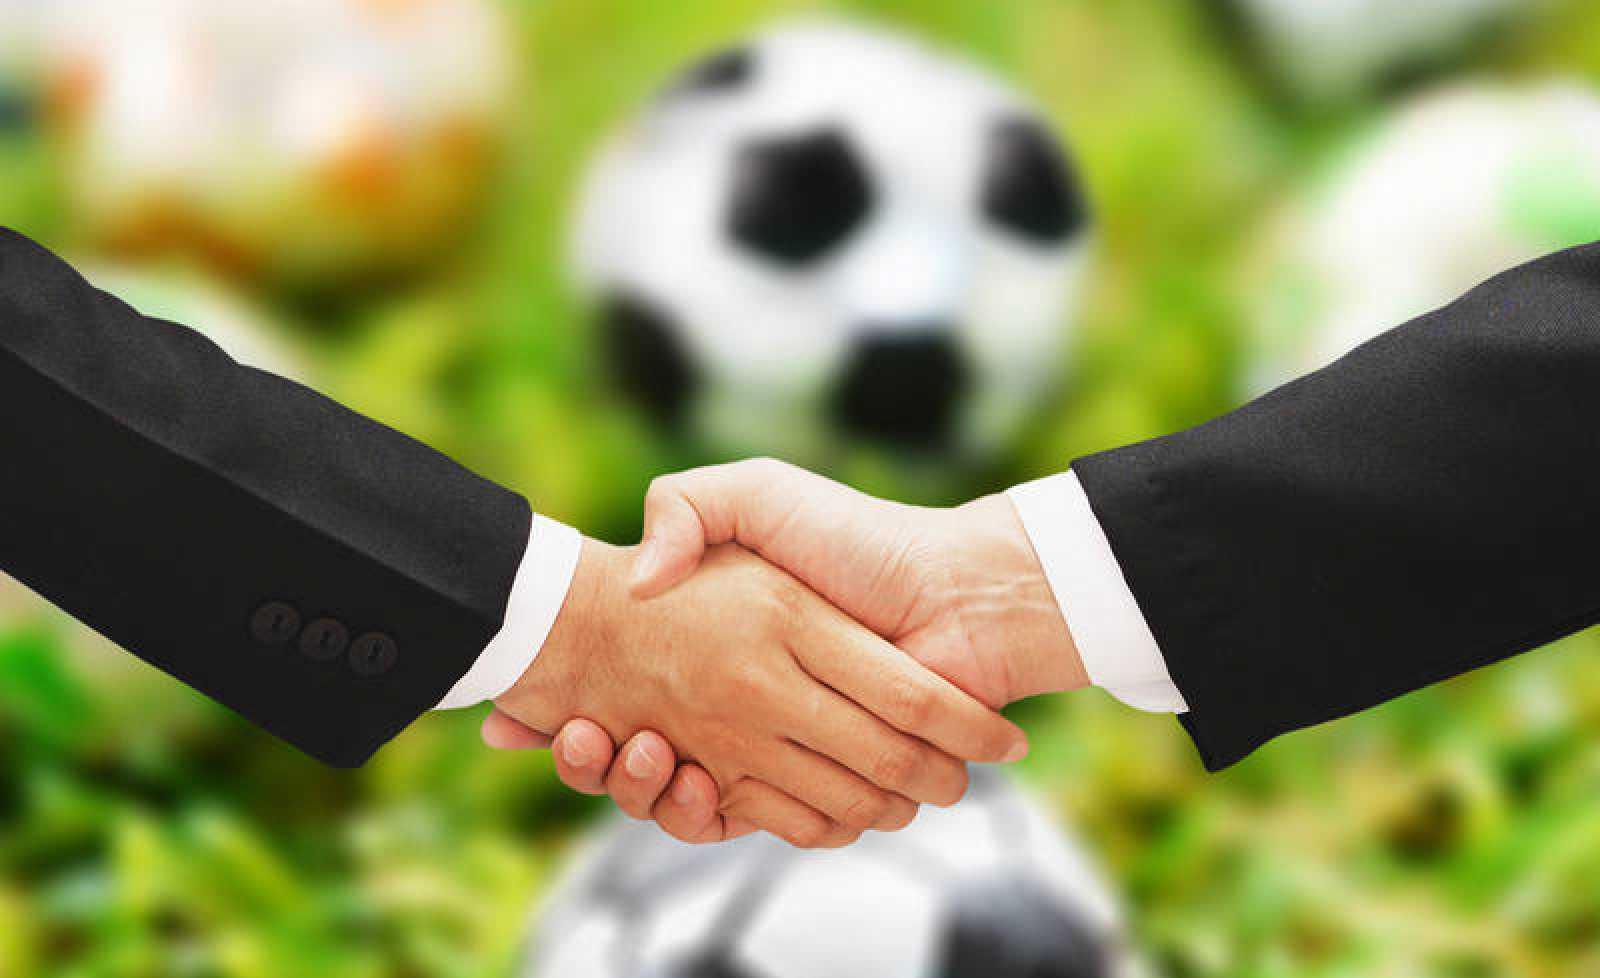 Composición artística de un acuerdo en el fútbol